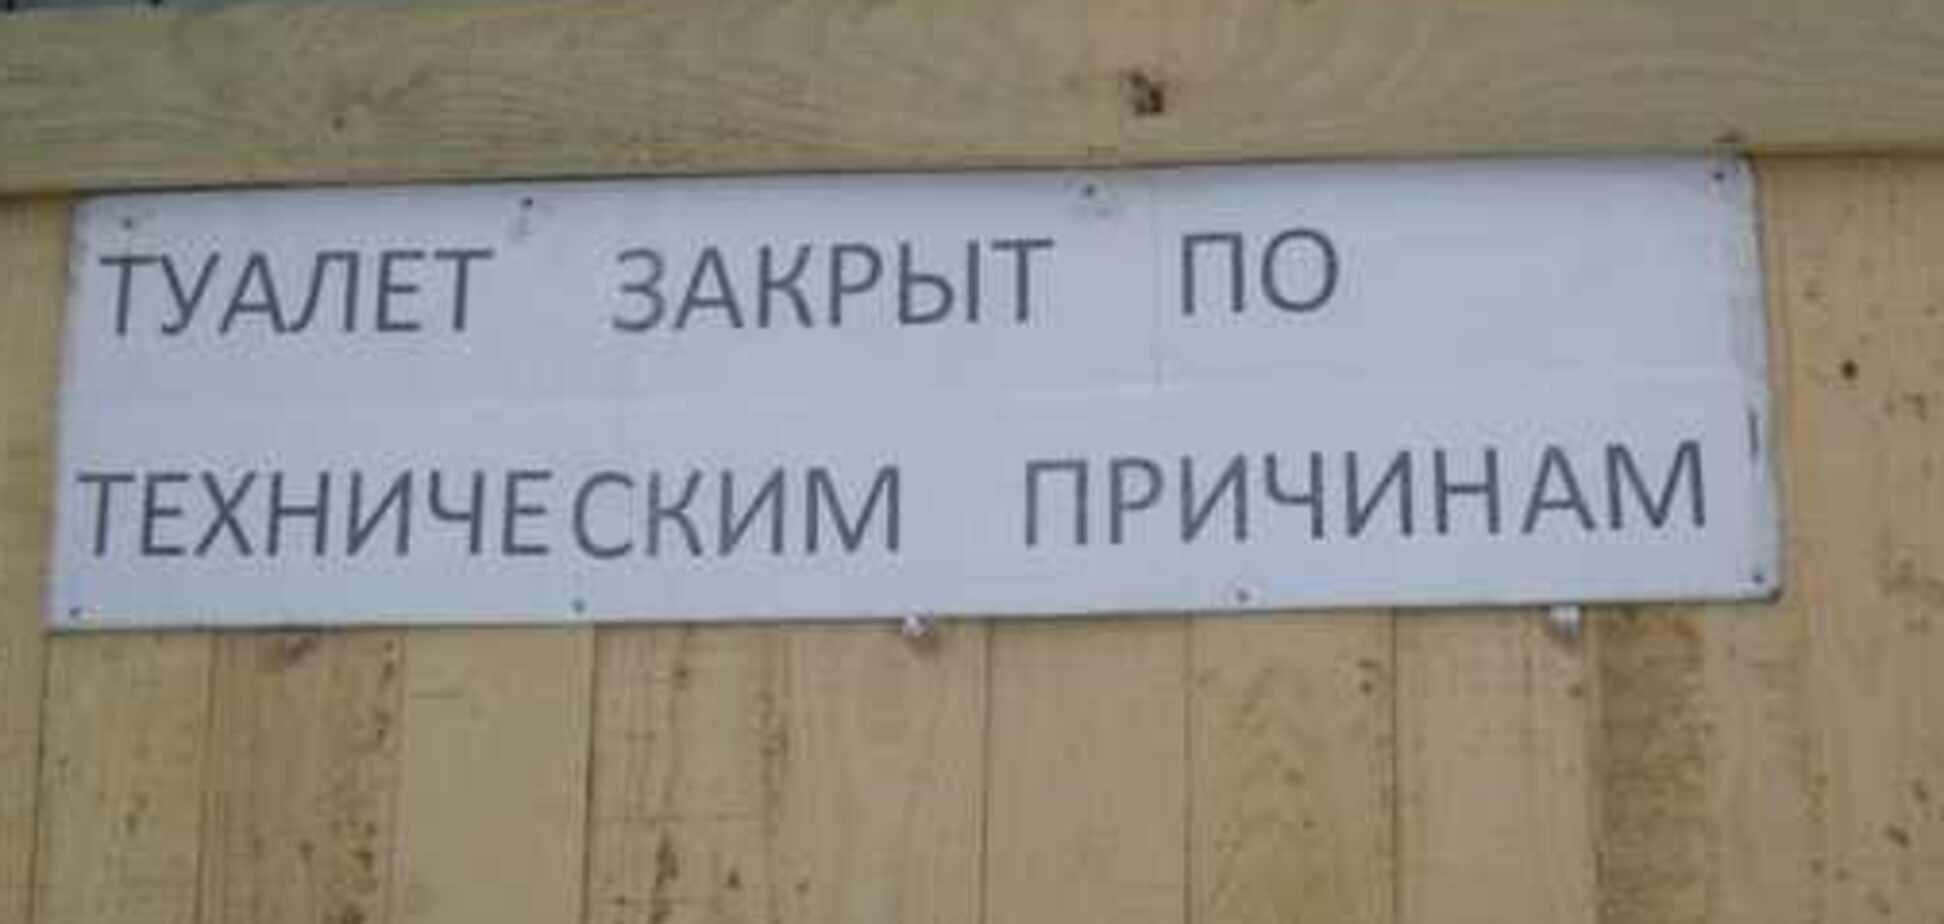 Все залило фекаліями: мережу шокував туалет на українській митниці. Відео